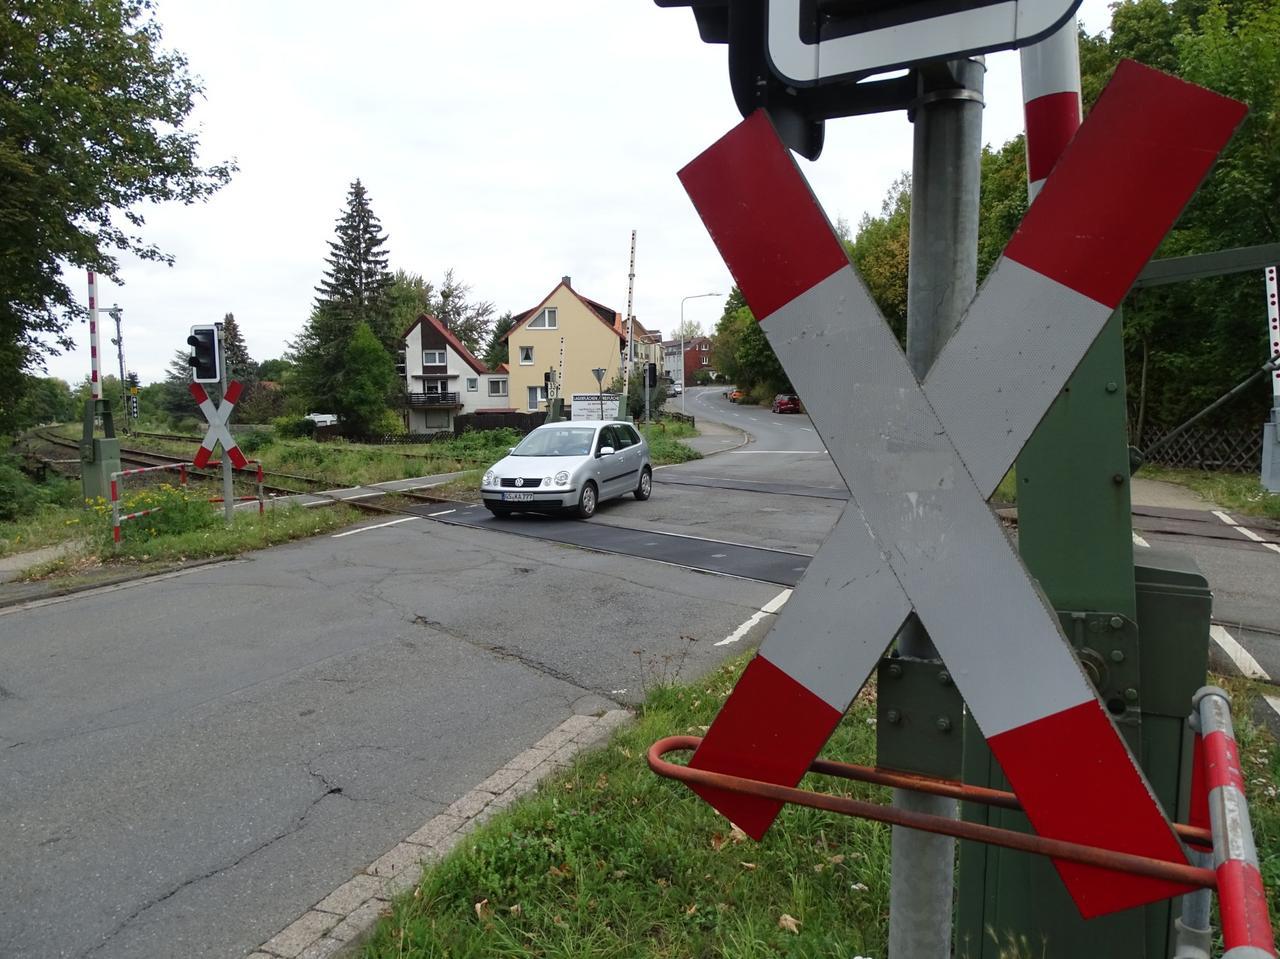 Bündheimer Bahnübergang in Ferien gesperrt